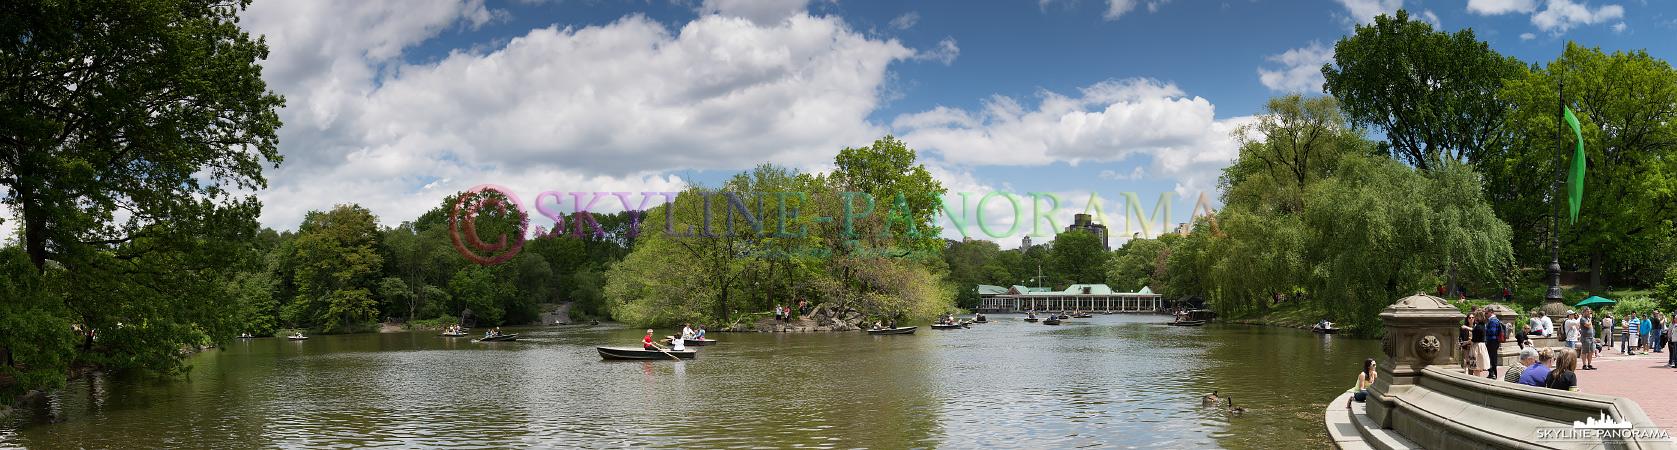 New York Panorama - Der Central Park Lake mit dem bekannten Bootshaus und im rechten Bildrand, ein Teil der Bethesda Terrace.